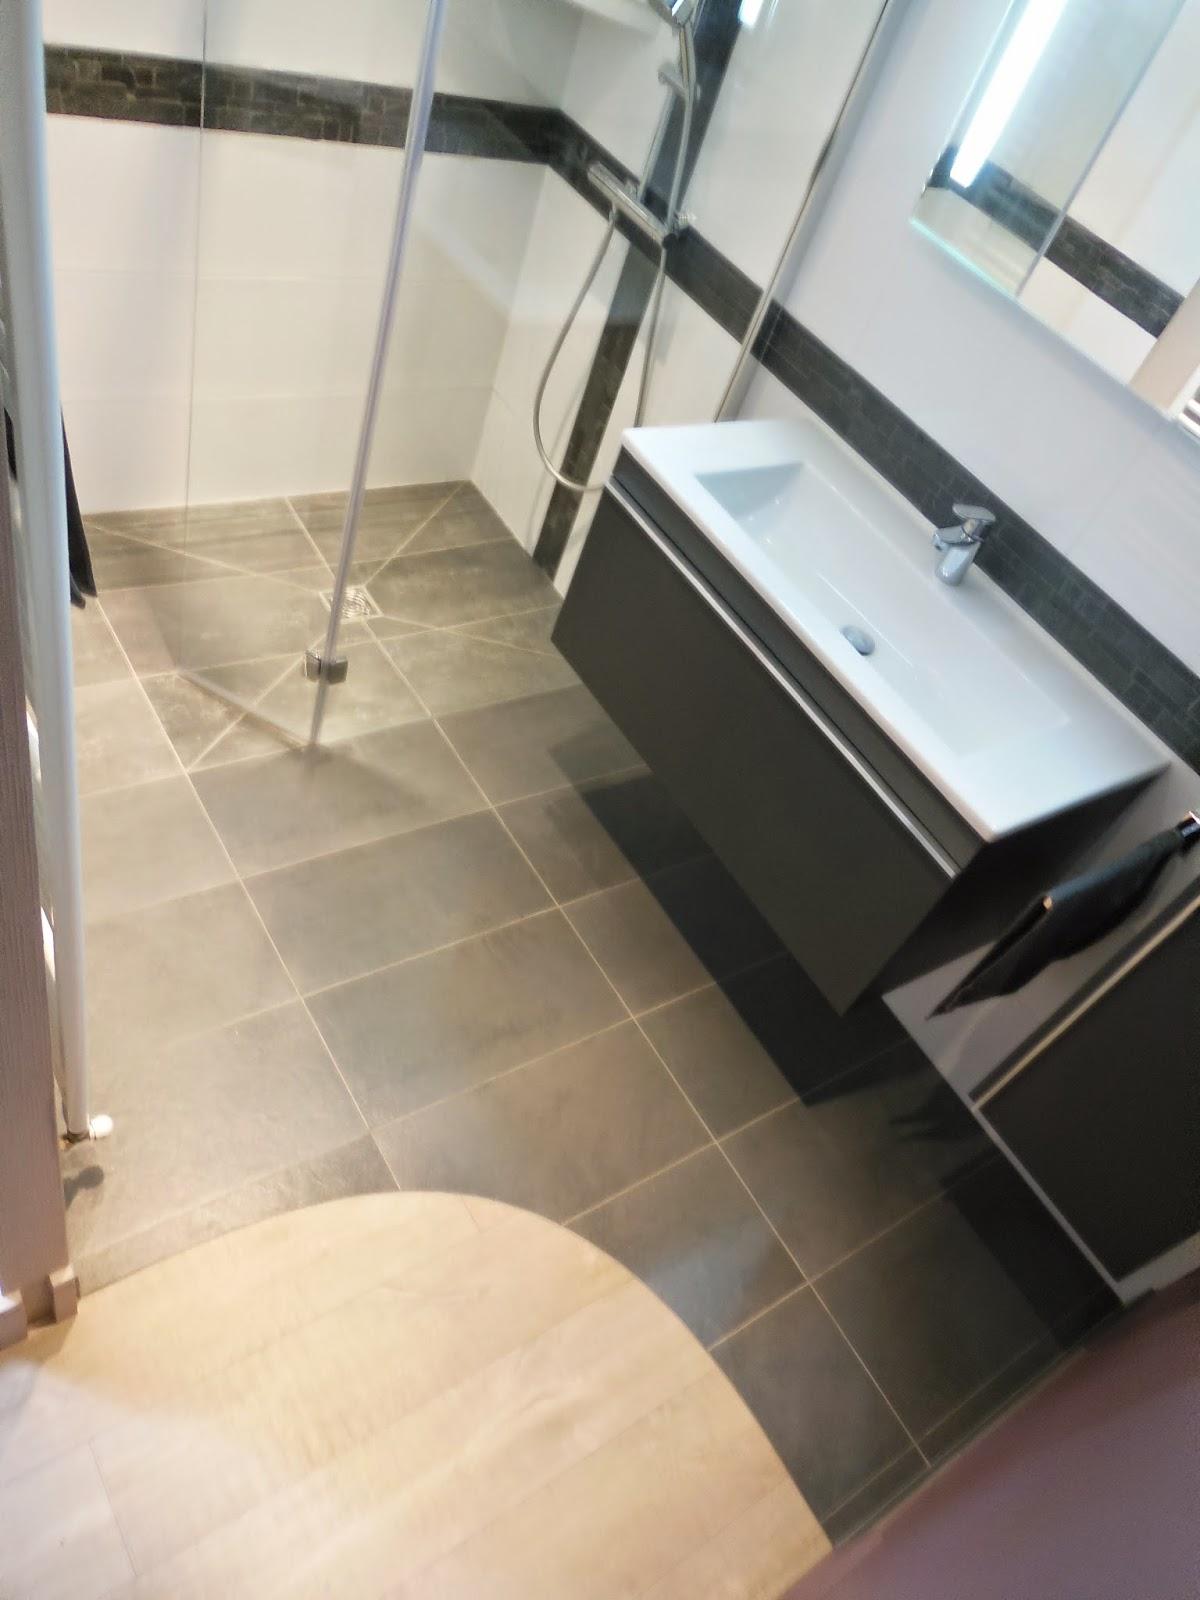 #856A46 CREATION DE SALLES DE BAINS DOUCHE A L' ITALIENNE ET  2743 petite salle de bain haut de gamme 1200x1600 px @ aertt.com